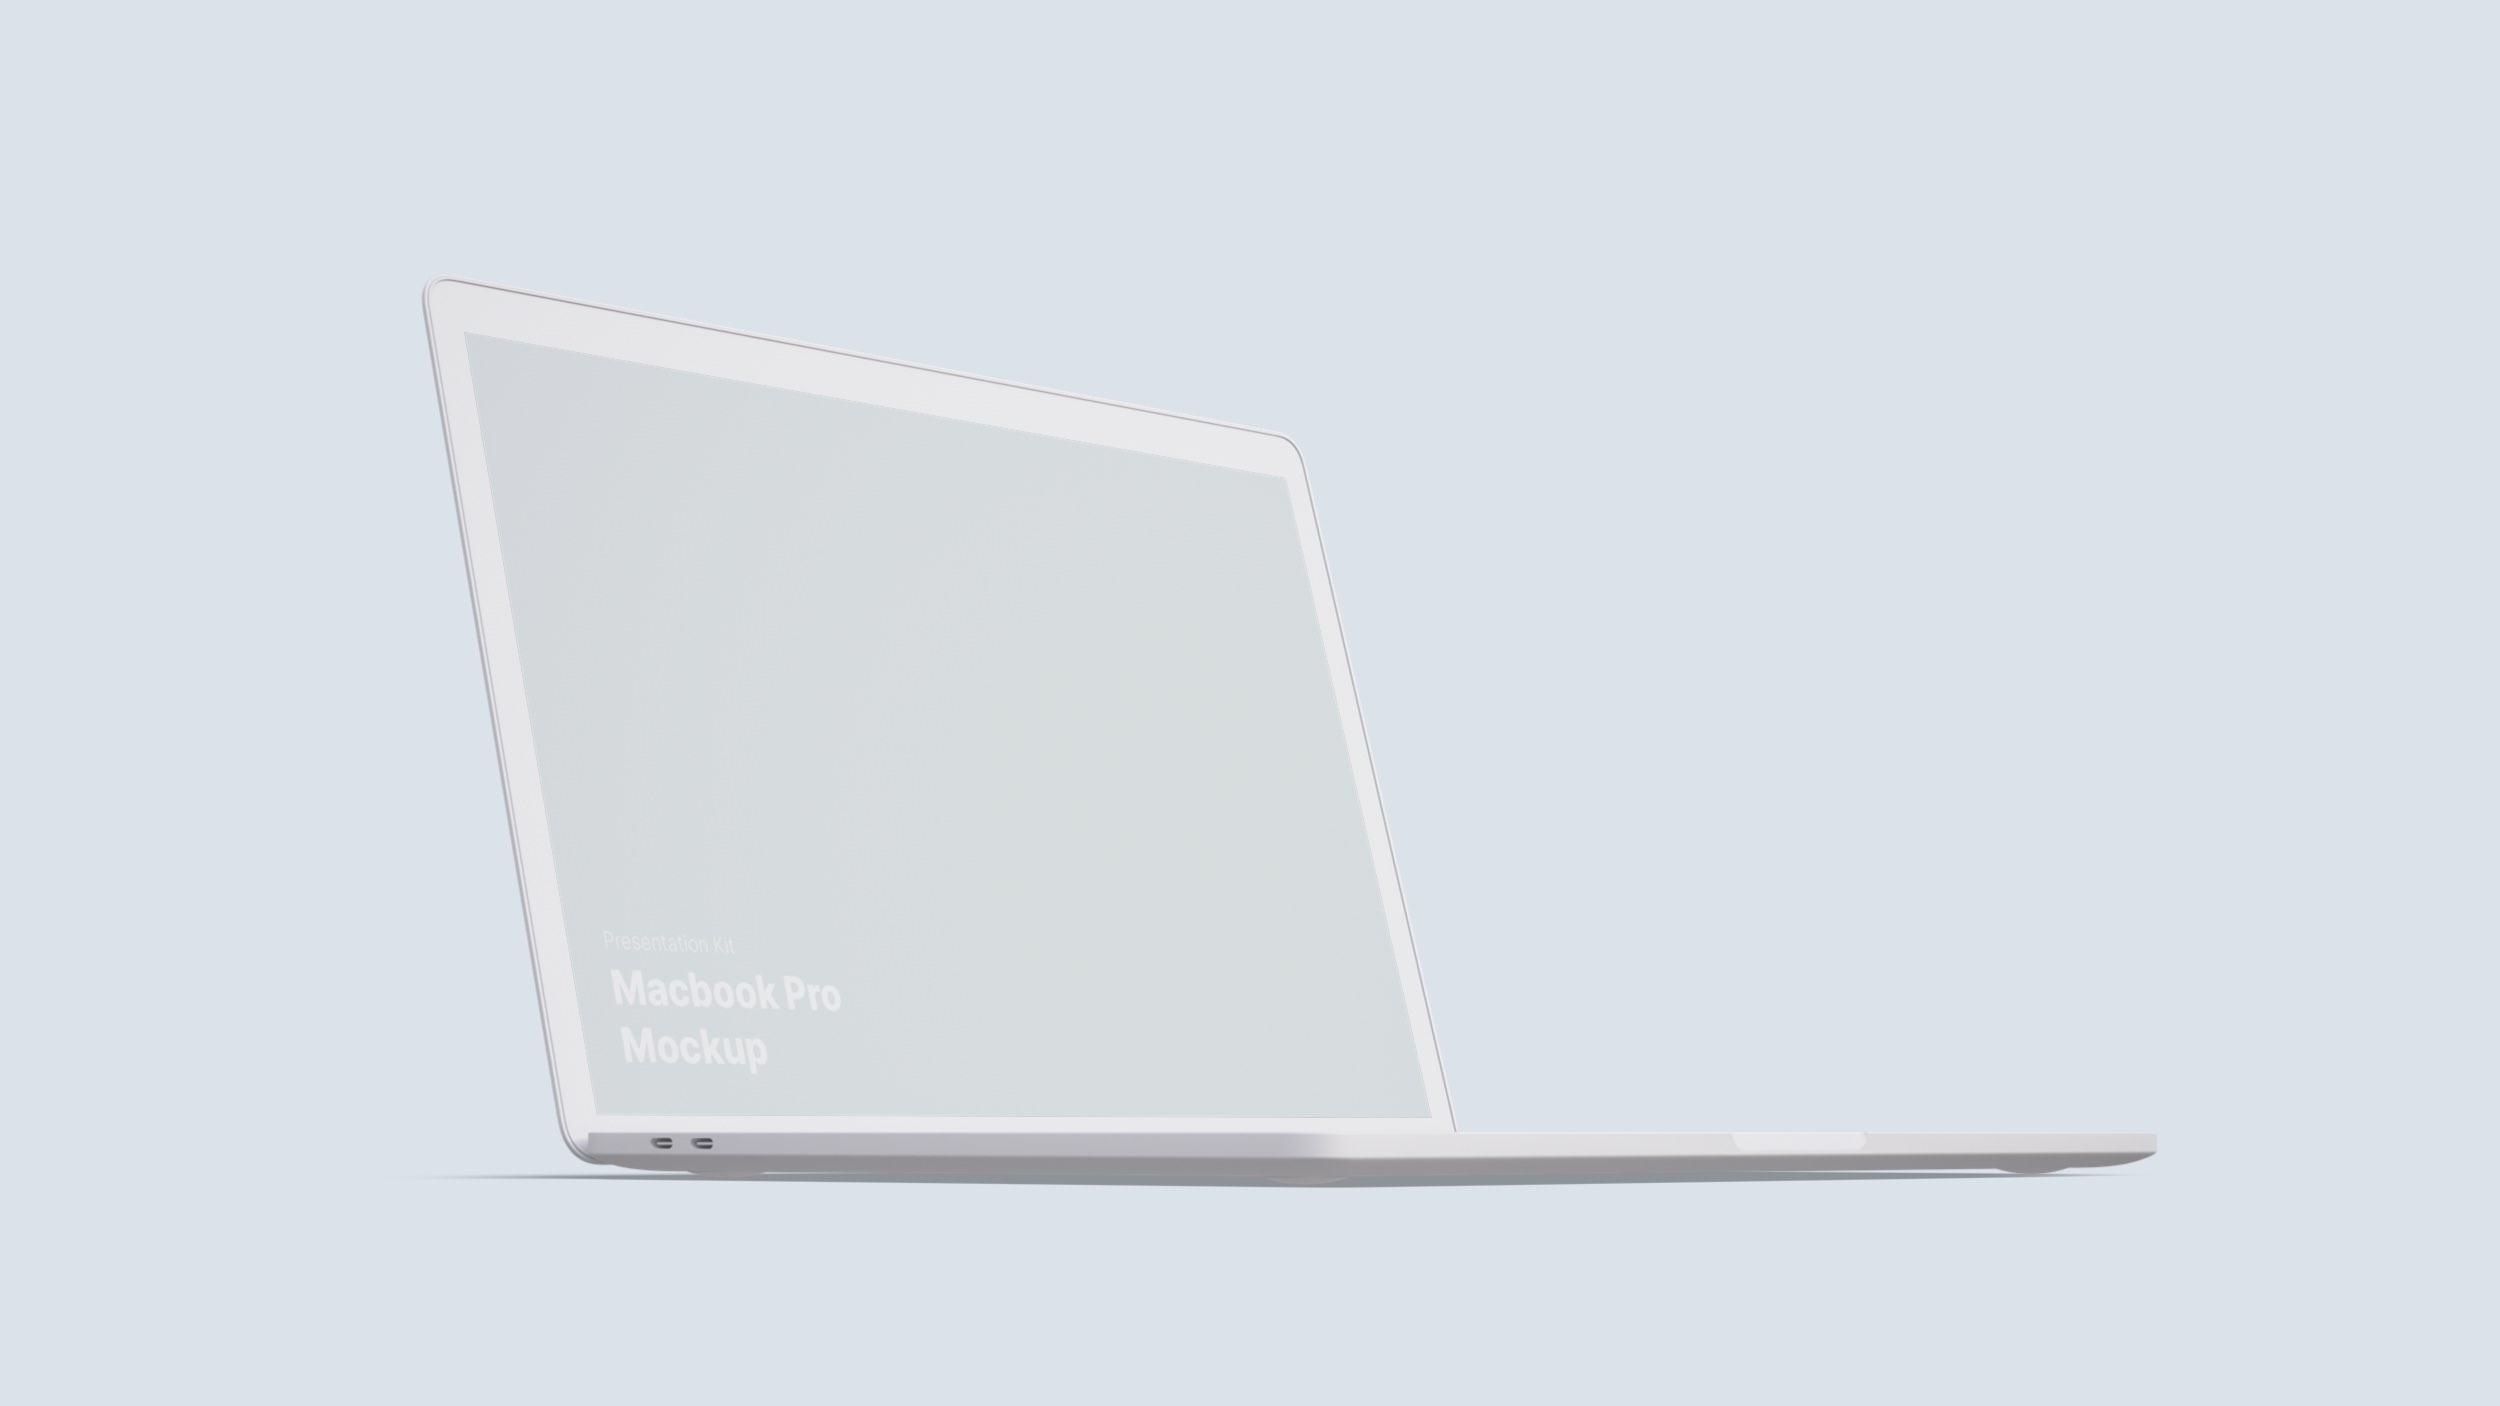 MacBook, MacBook Pro